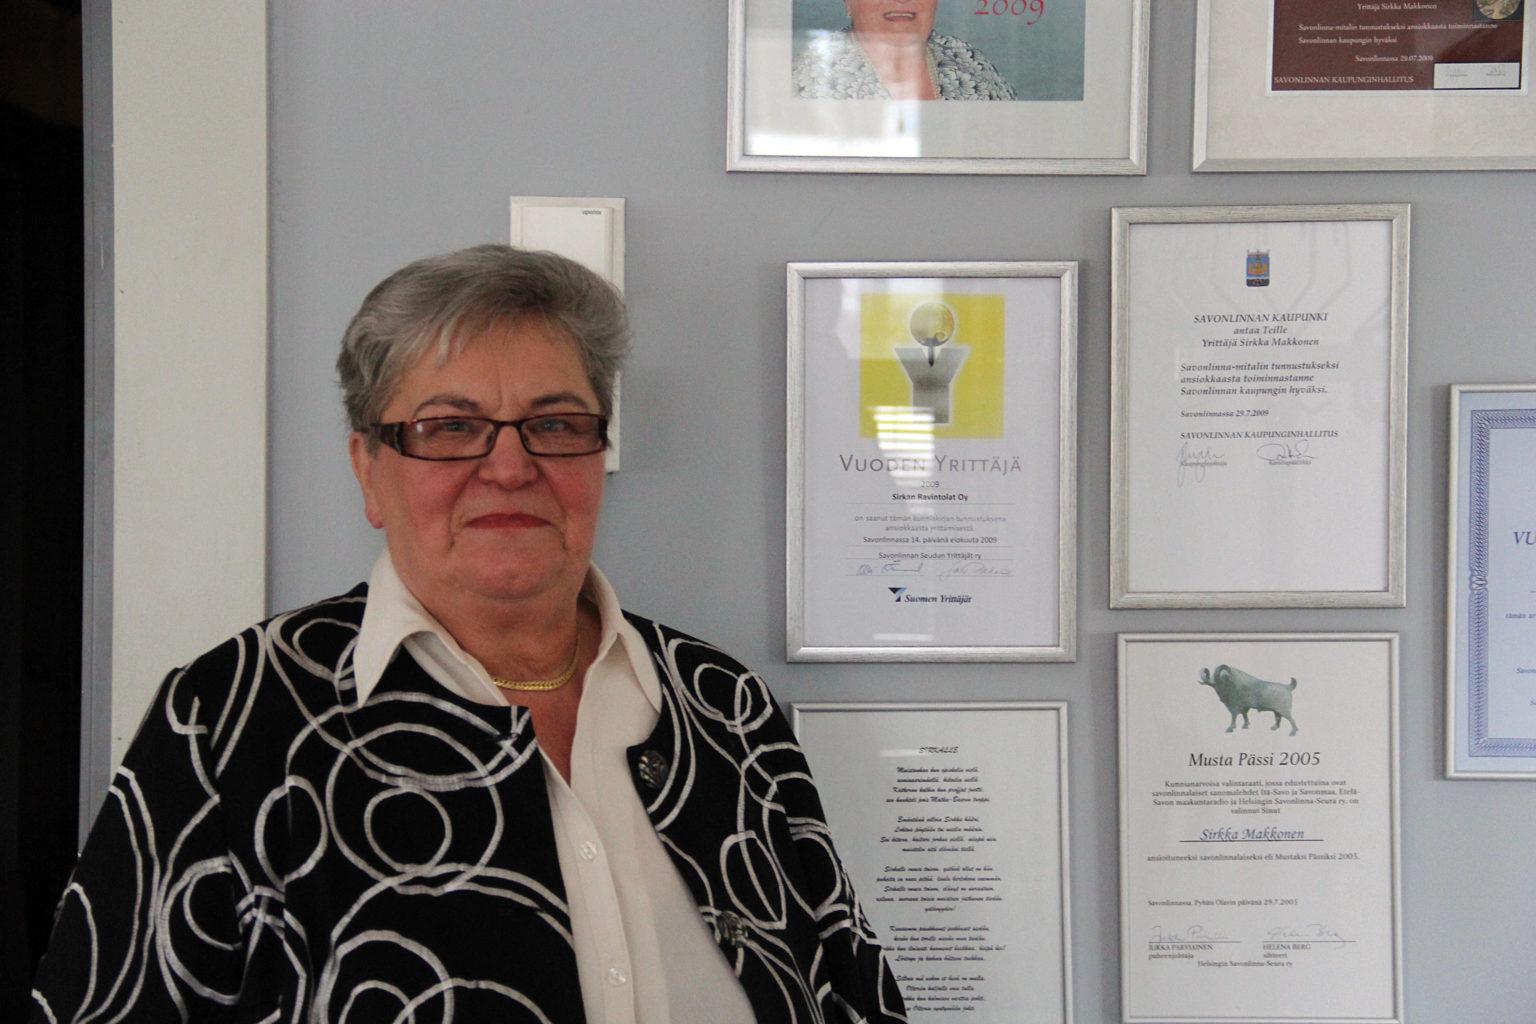 Sirkka tunnetaan Savonlinnassa ahkerana yrittäjänä. Tunnustuspalkintojakin on vuosien saatossa tullut useita.